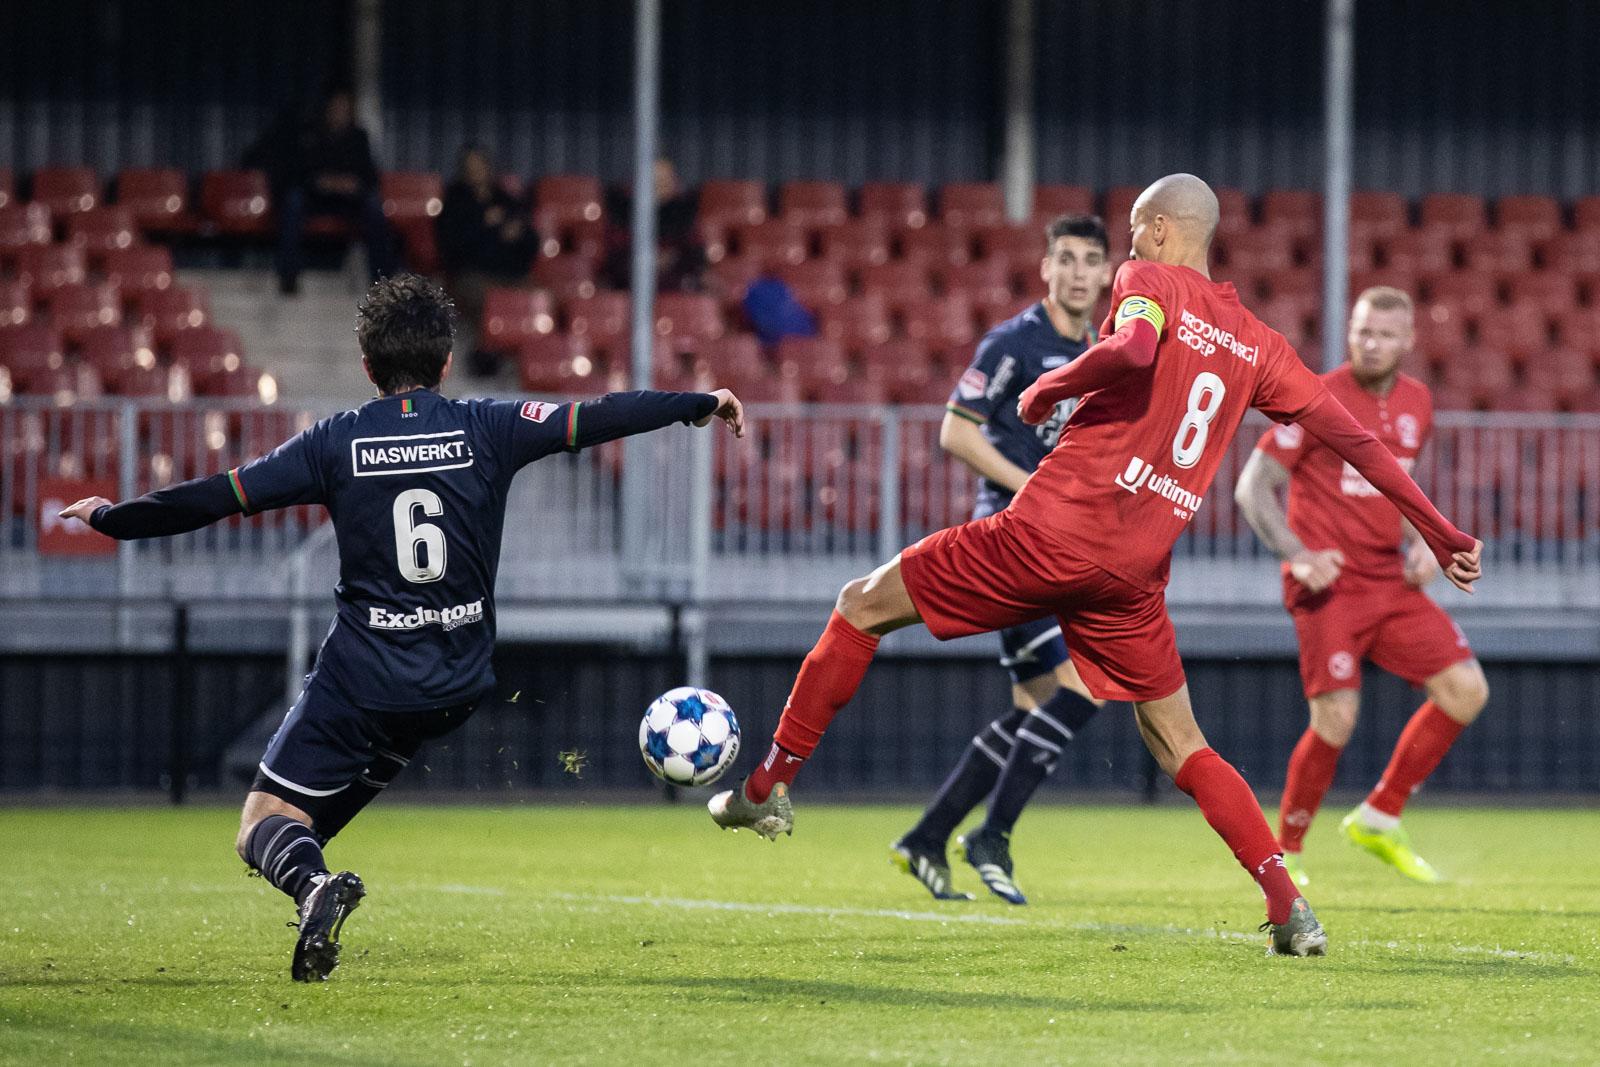 5 jarenplan eindigt niet in de Eredivisie na uitschakeling in playoffs